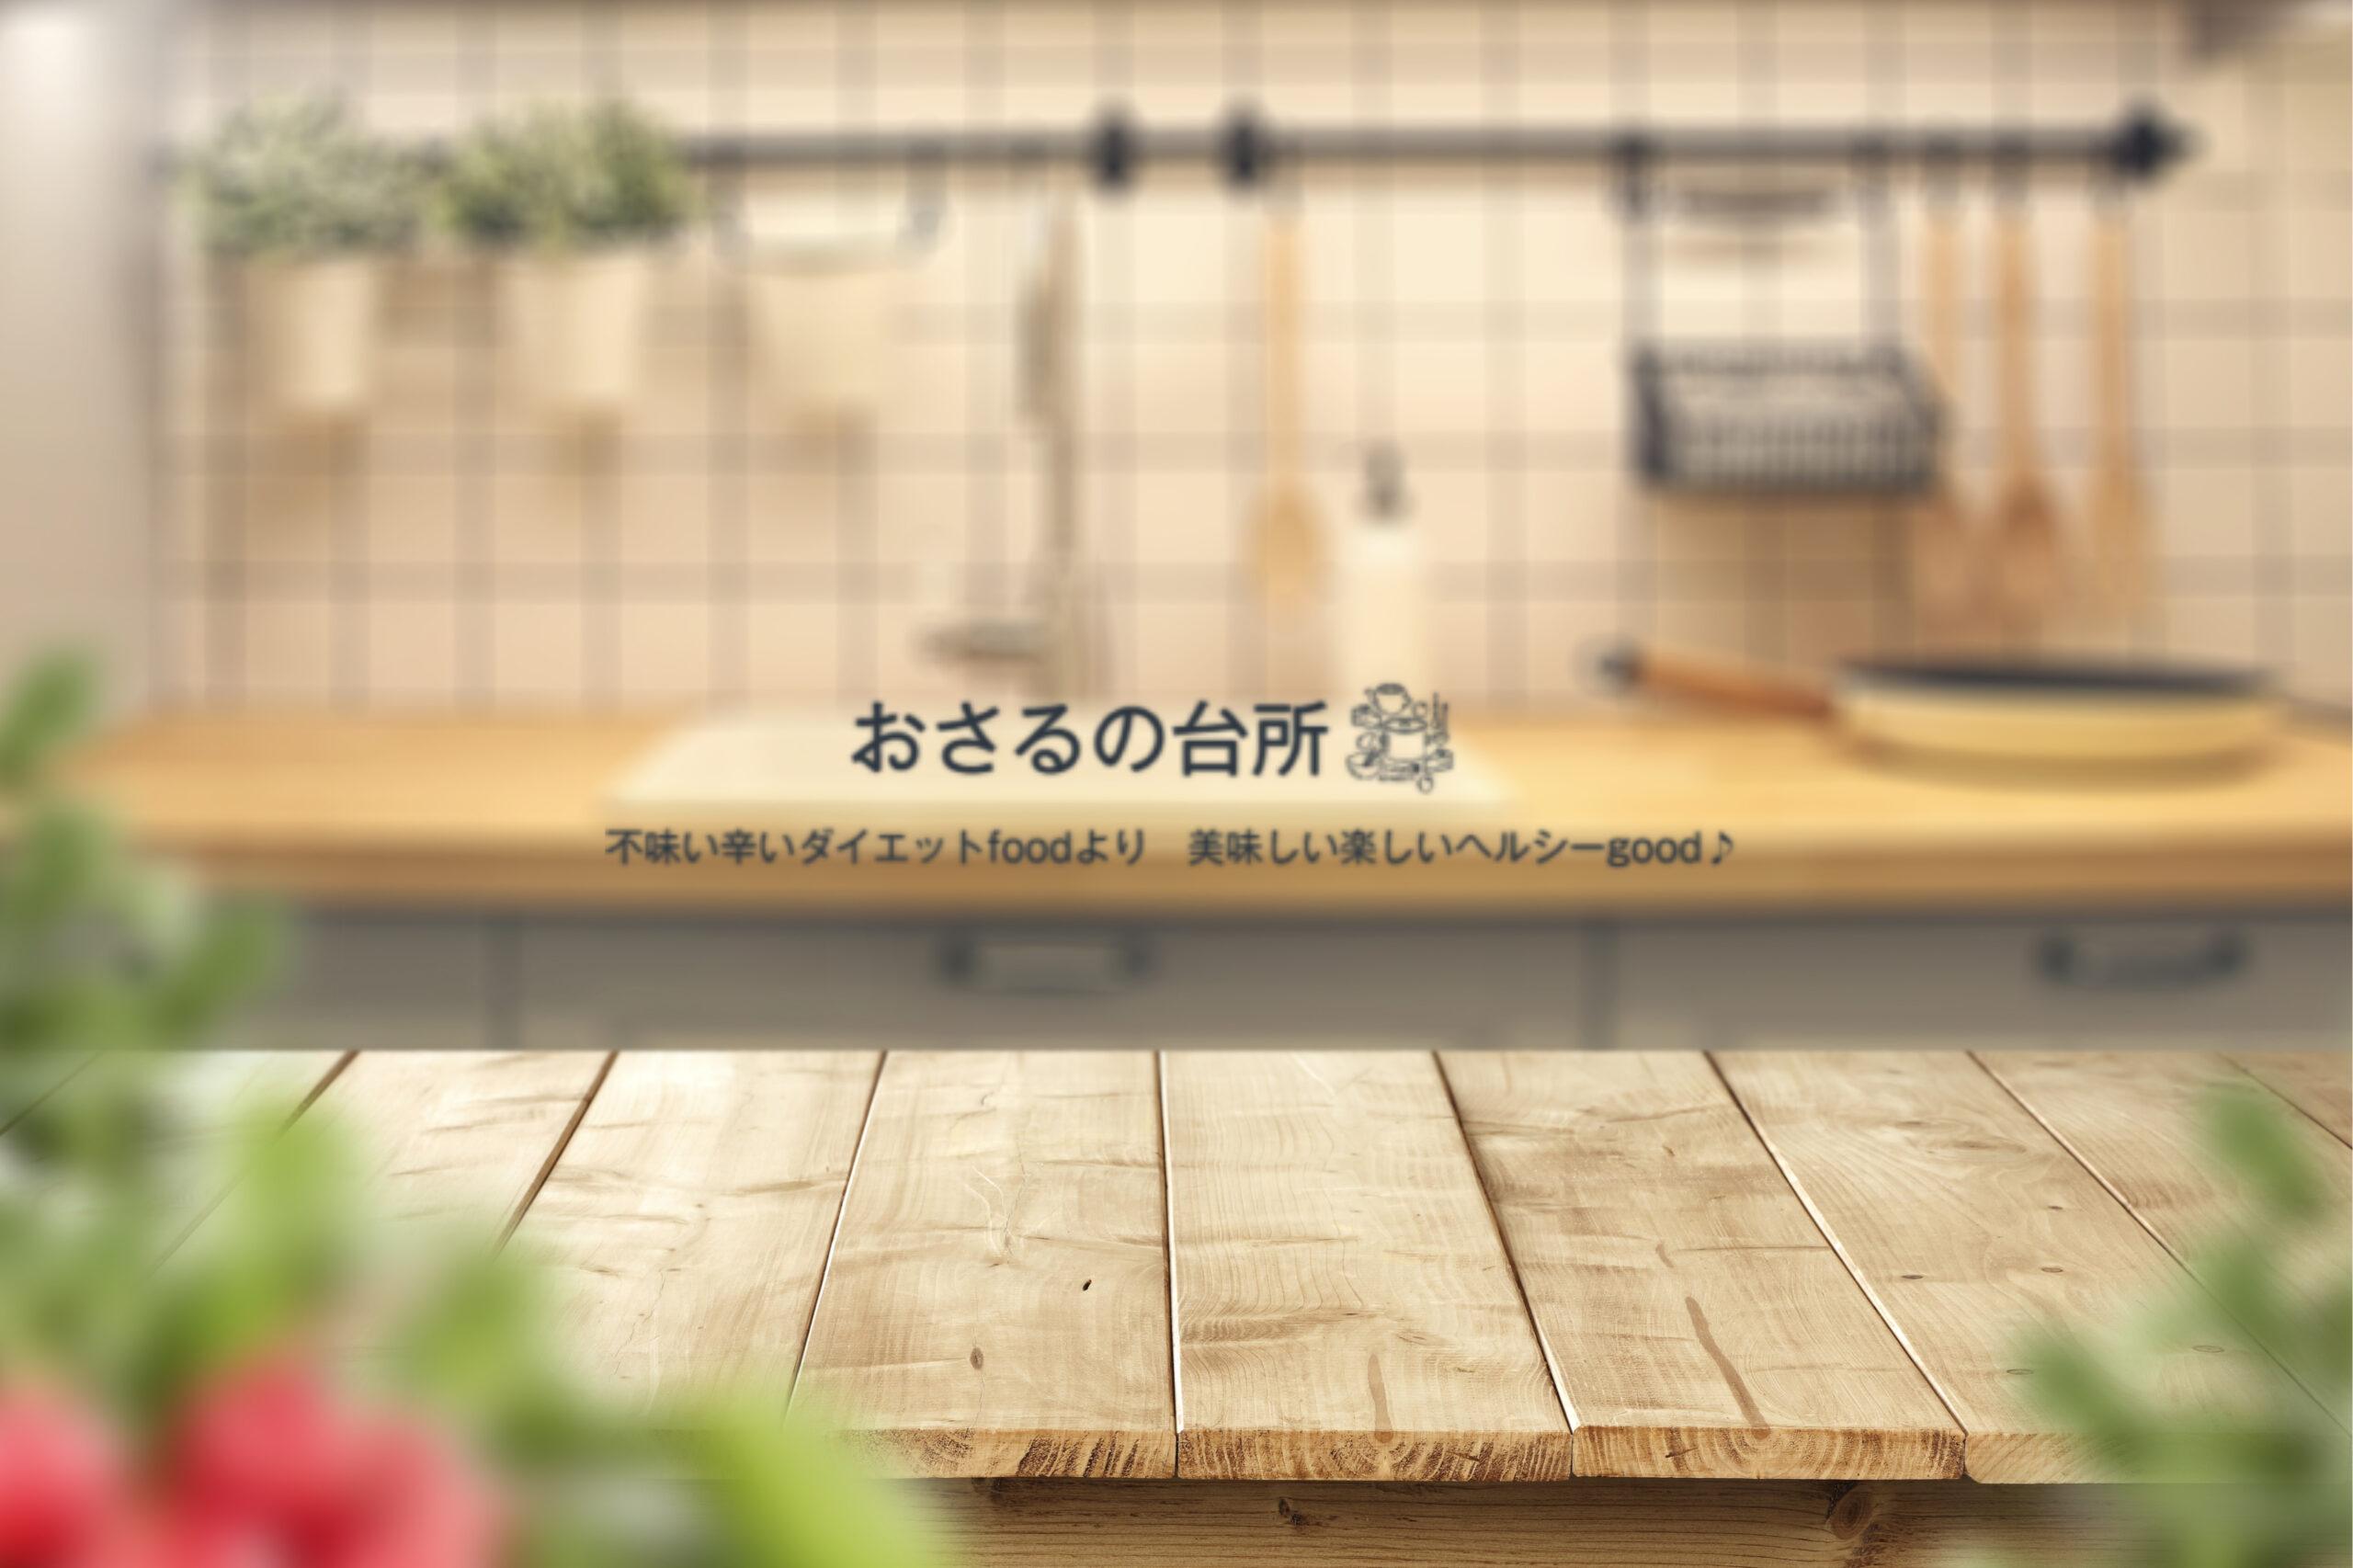 おさるの台所イメージトップ画像です